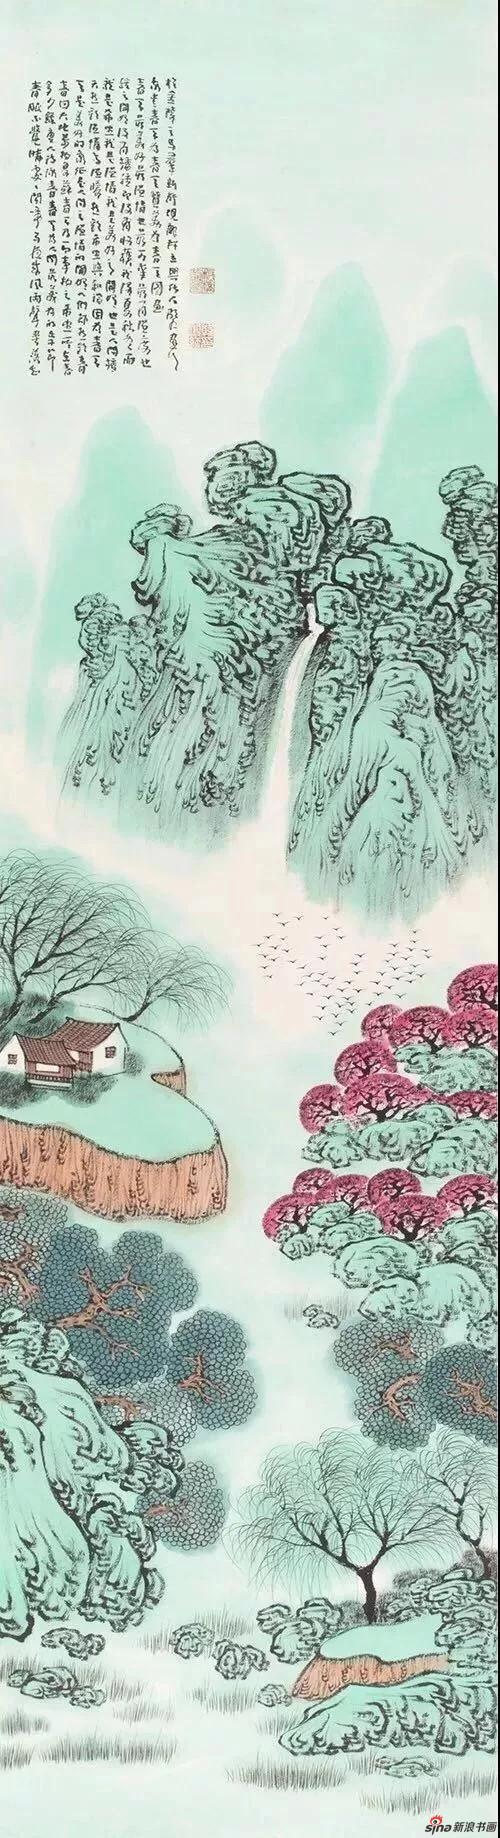 韩显红山水画作品欣赏